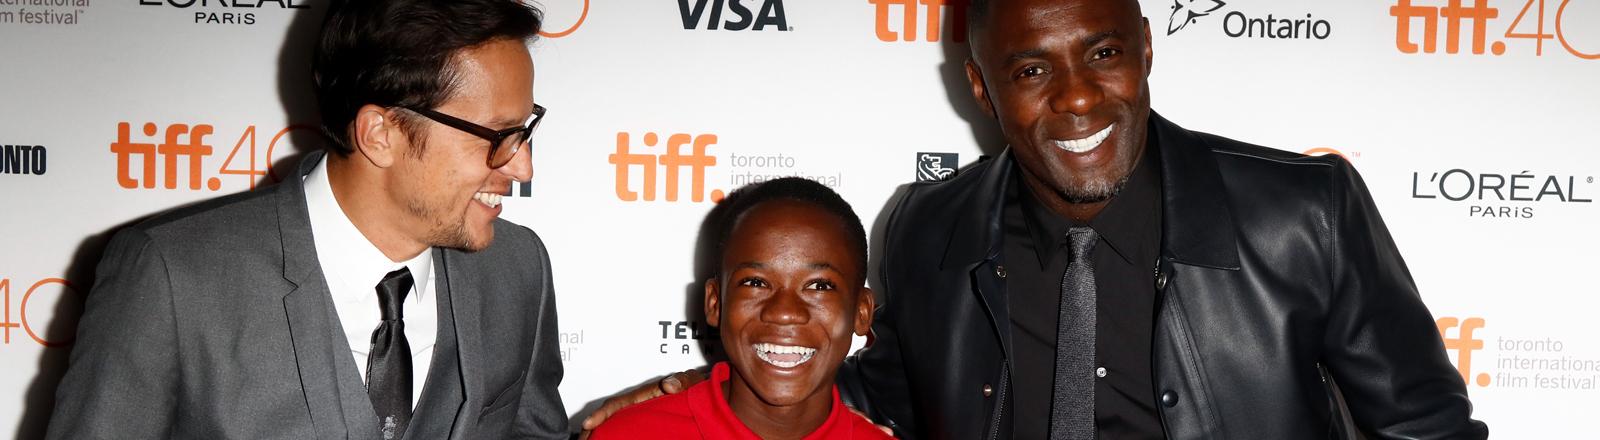 Beasts of No Nation Regisseur Cary Fukunaga (links) mit seinen beiden Hauptdarstellern Abraham Attah (Mitte) und Idris Elba am 13.09.2015.